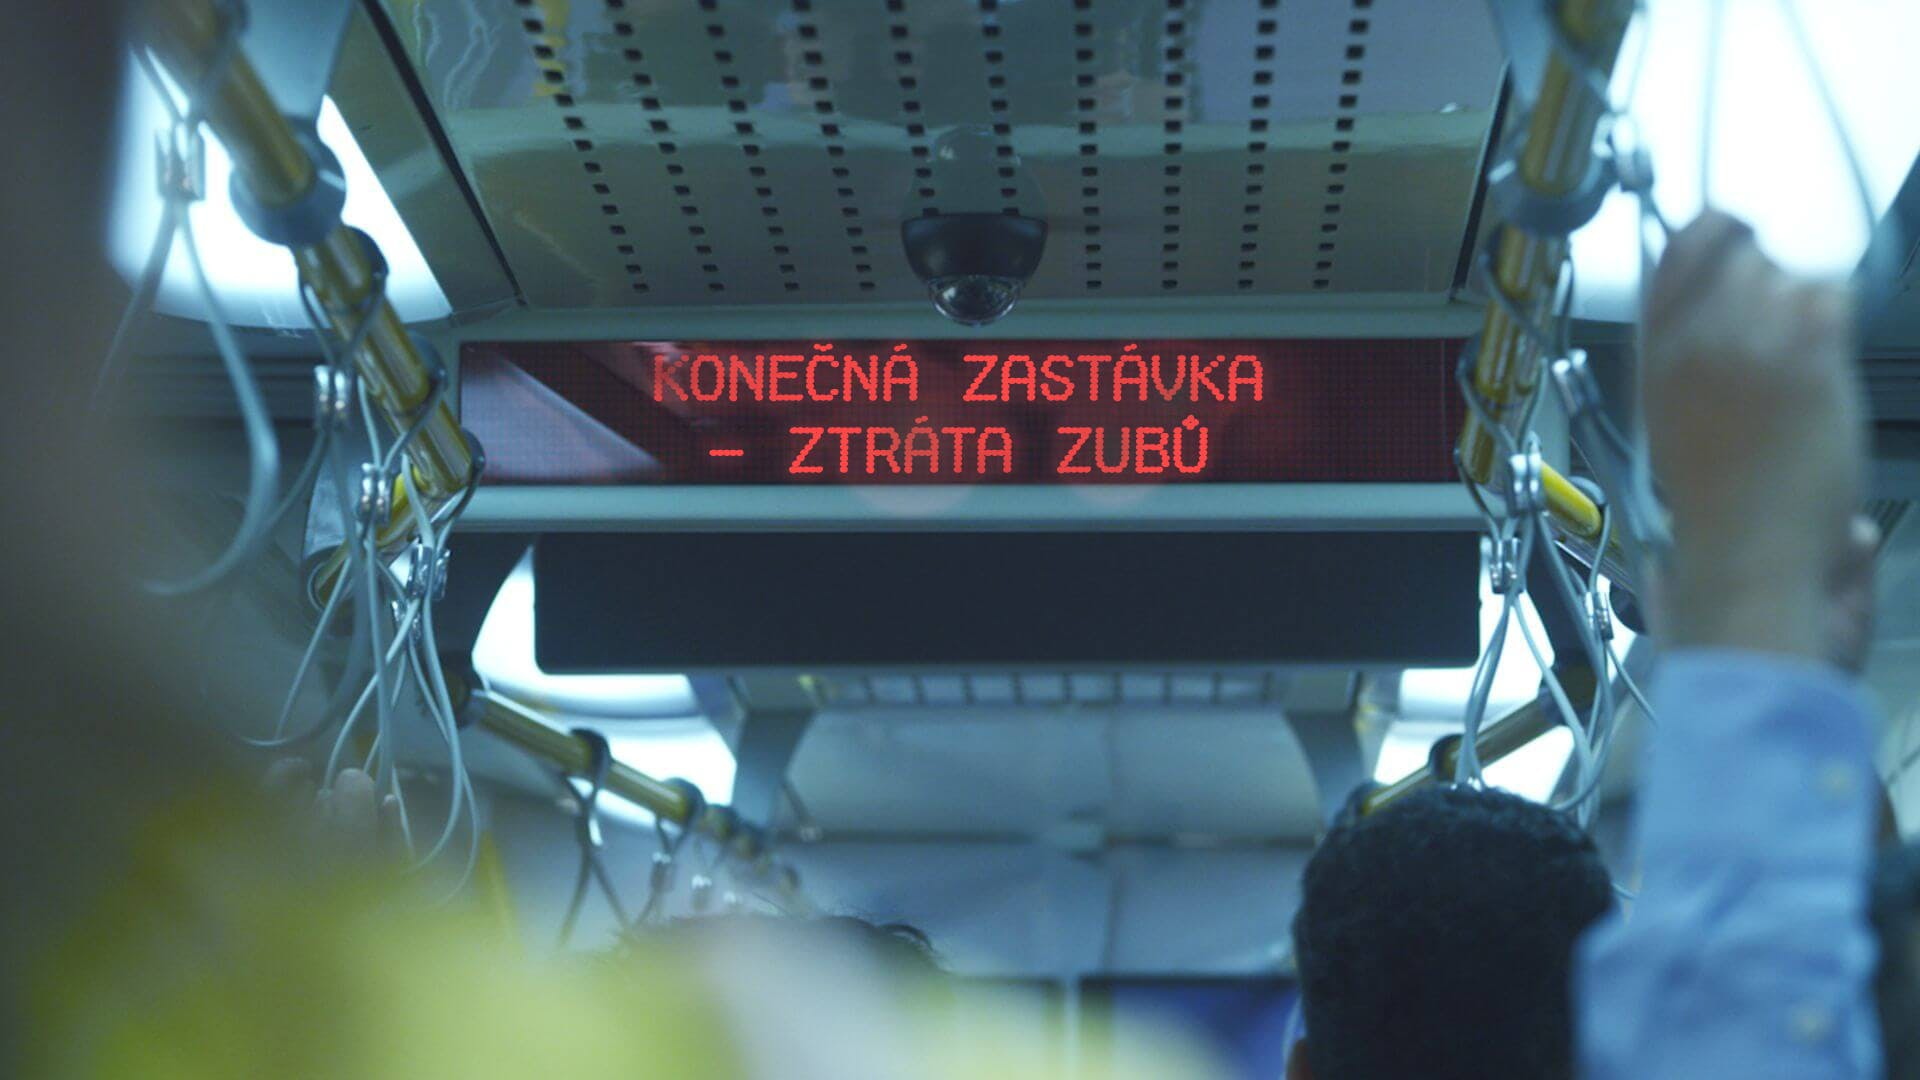 """Informační tabule ve vlaku, která hlásá """"cílová stanice: ztráta zubů"""""""